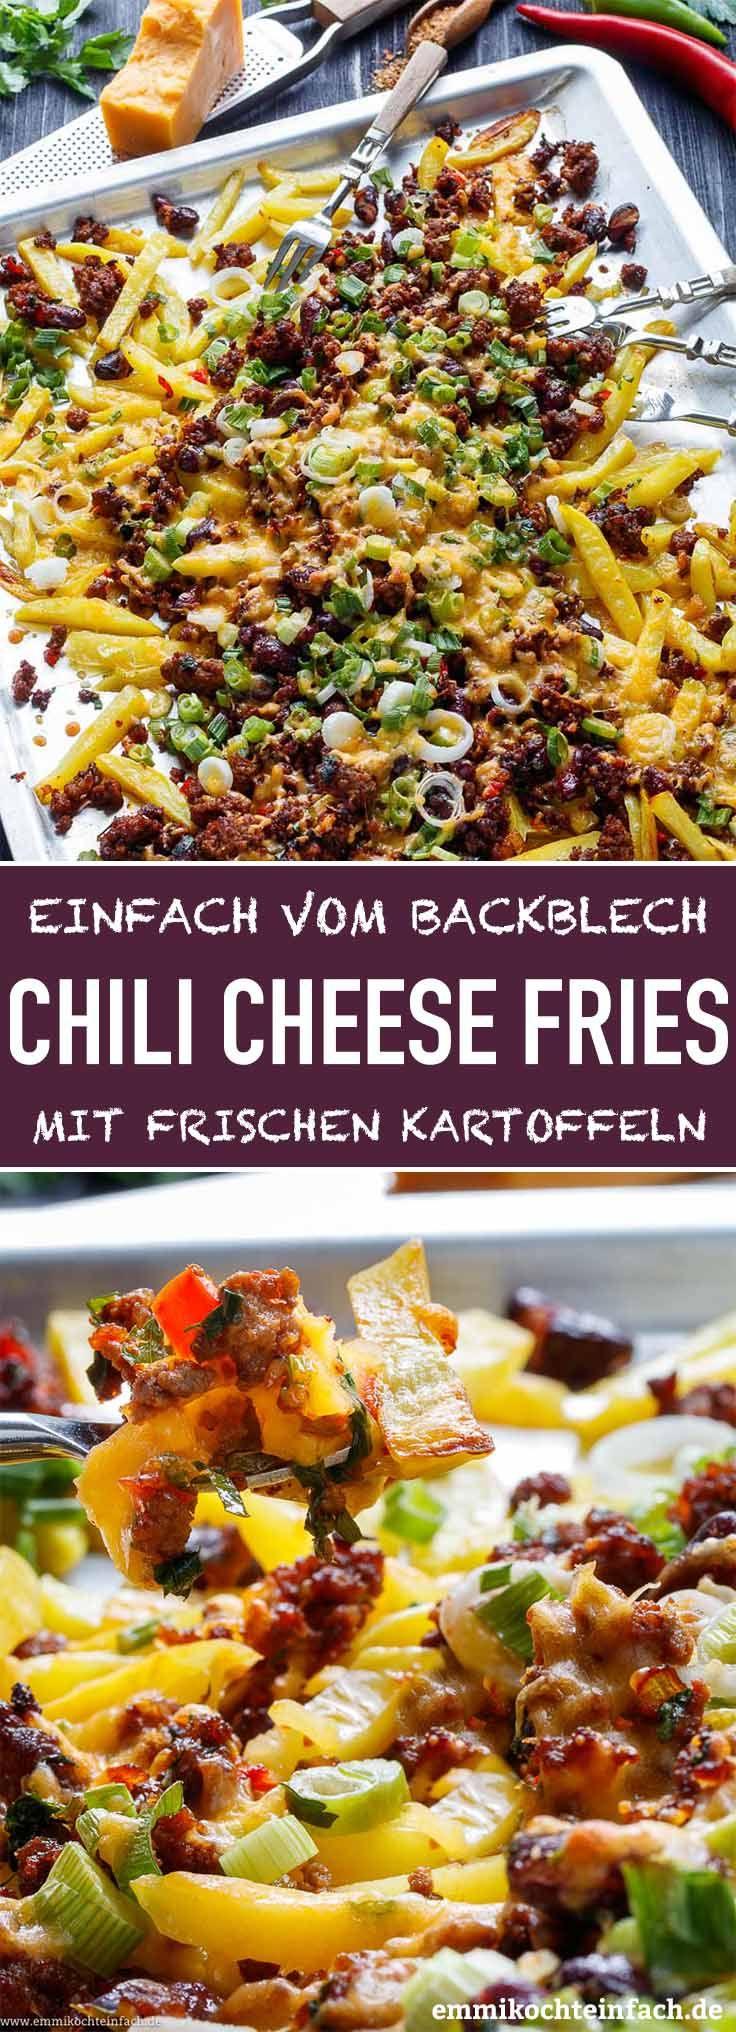 Gallery Chili Cheese Fries mit frischen Kartoffeln   emmikochteinfach is free HD wallpaper.